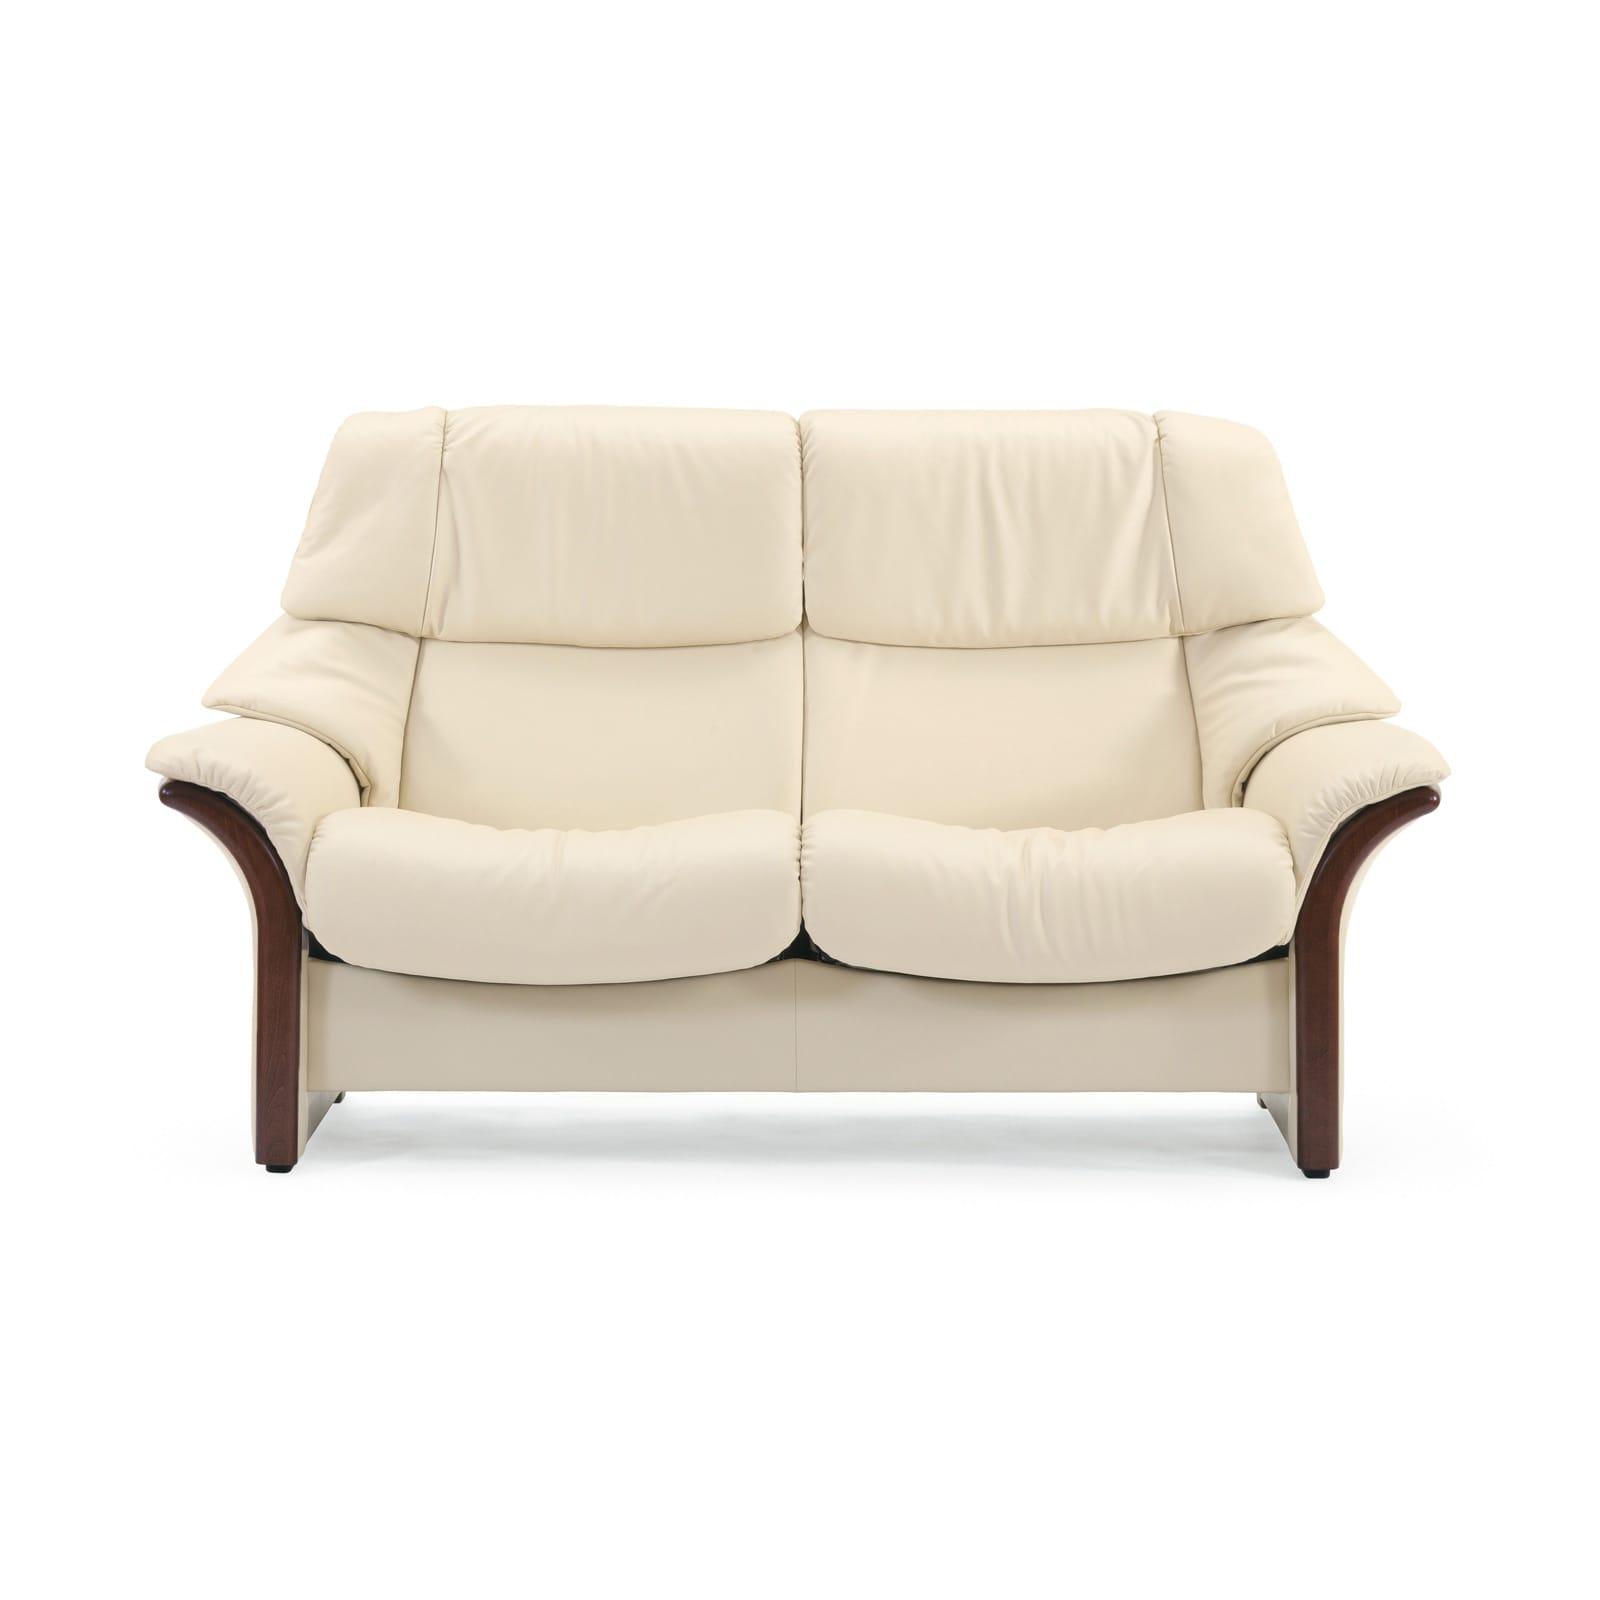 Full Size of Stressless Sofa Stella Manhattan Leather Kombination Couch 2 Seater Sitzer Eldorado M Hoch Cream Braun Schillig Ektorp Neu Beziehen Lassen De Sede Hussen Für Sofa Stressless Sofa